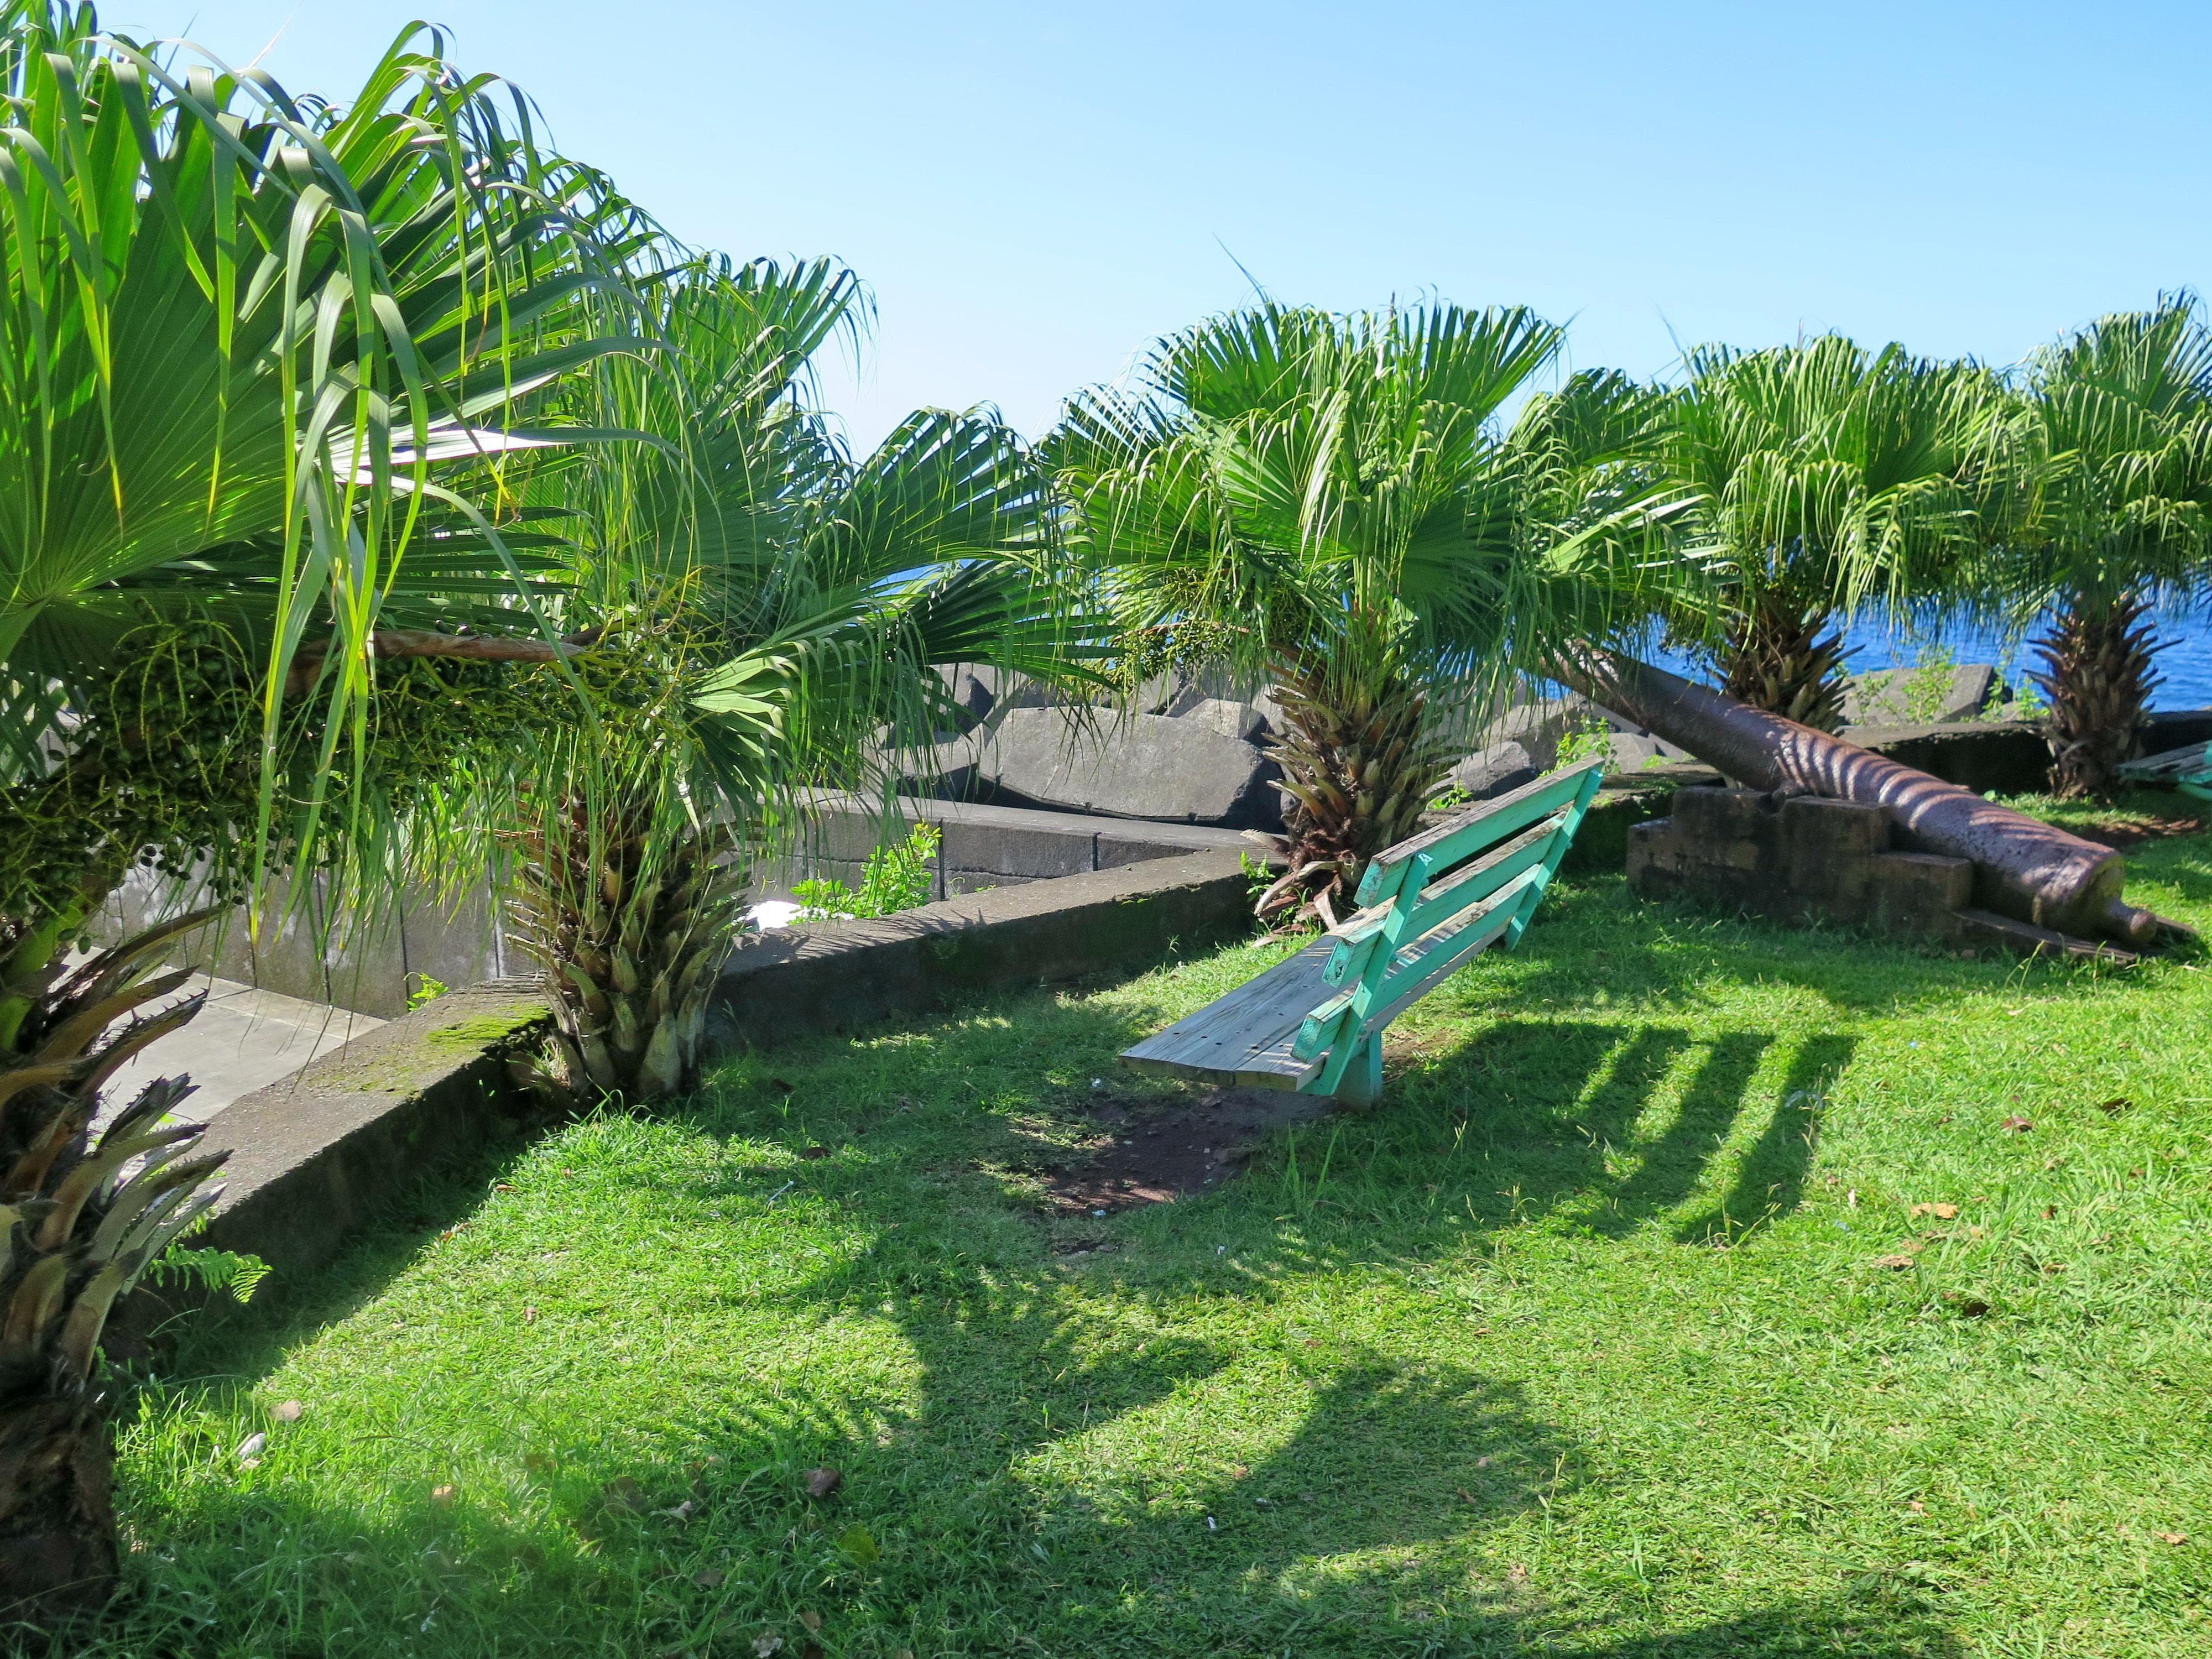 [Vie des ports] Les ports de la Réunion - Page 6 424238stjosephsterosedernierjour305